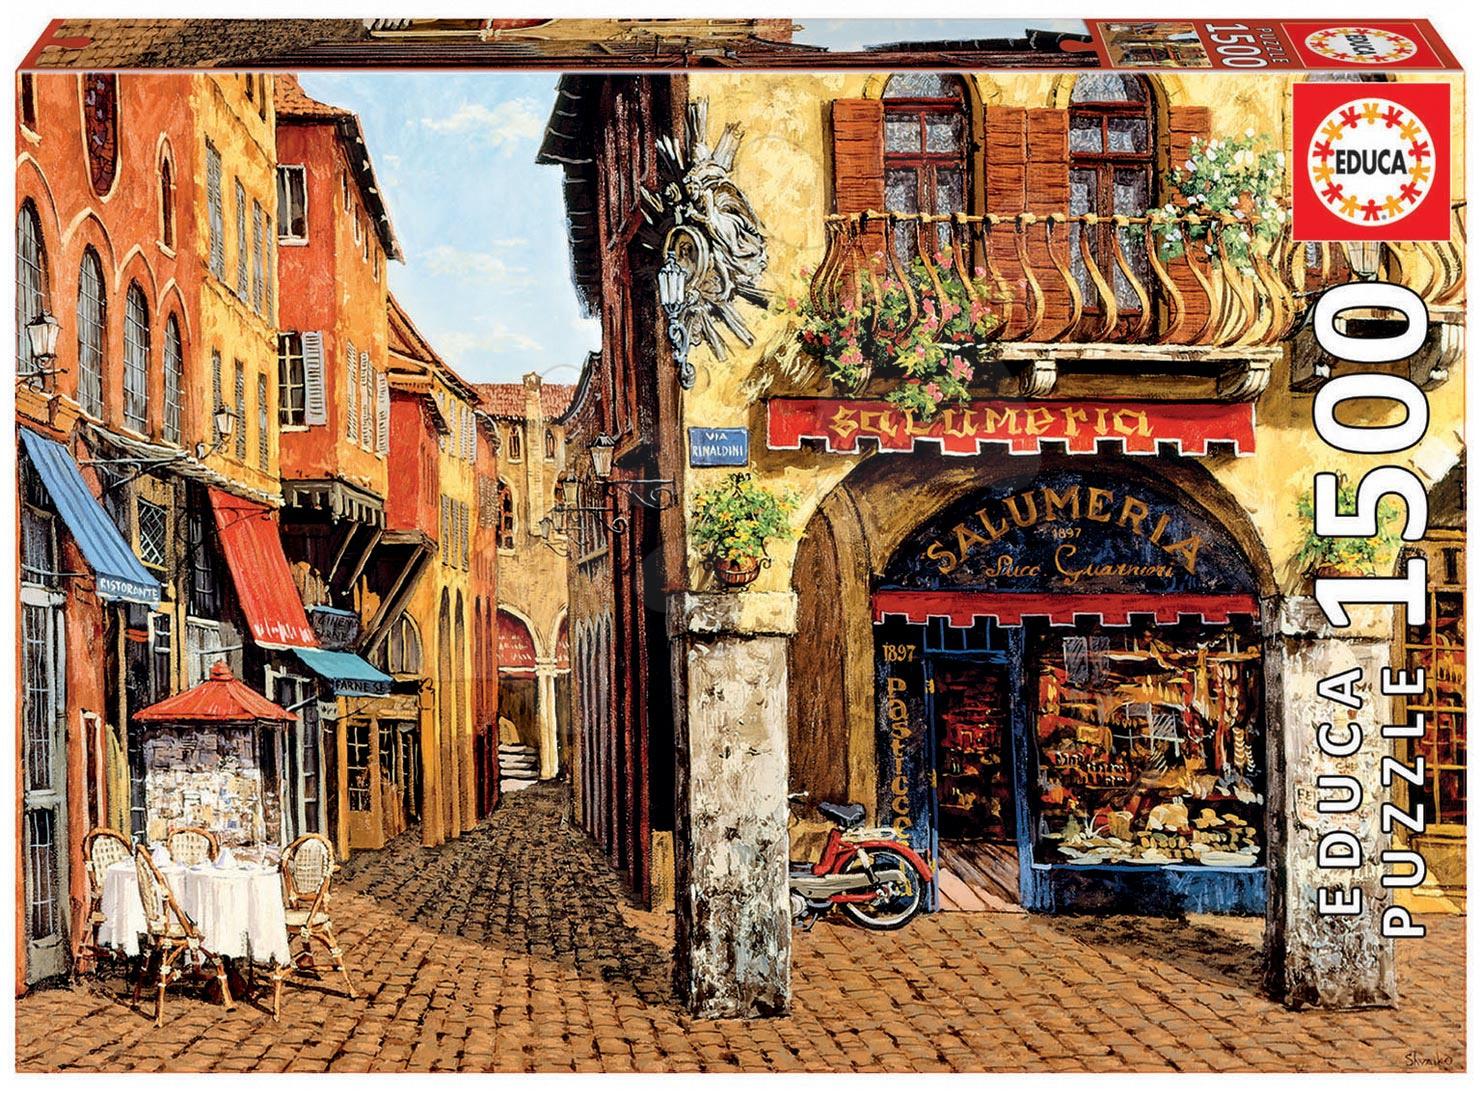 Puzzle 1500 dielne - Puzzle Genuine Colors of Italy - Salumeria, Viktor Shvaiko Educa 1500 dielov